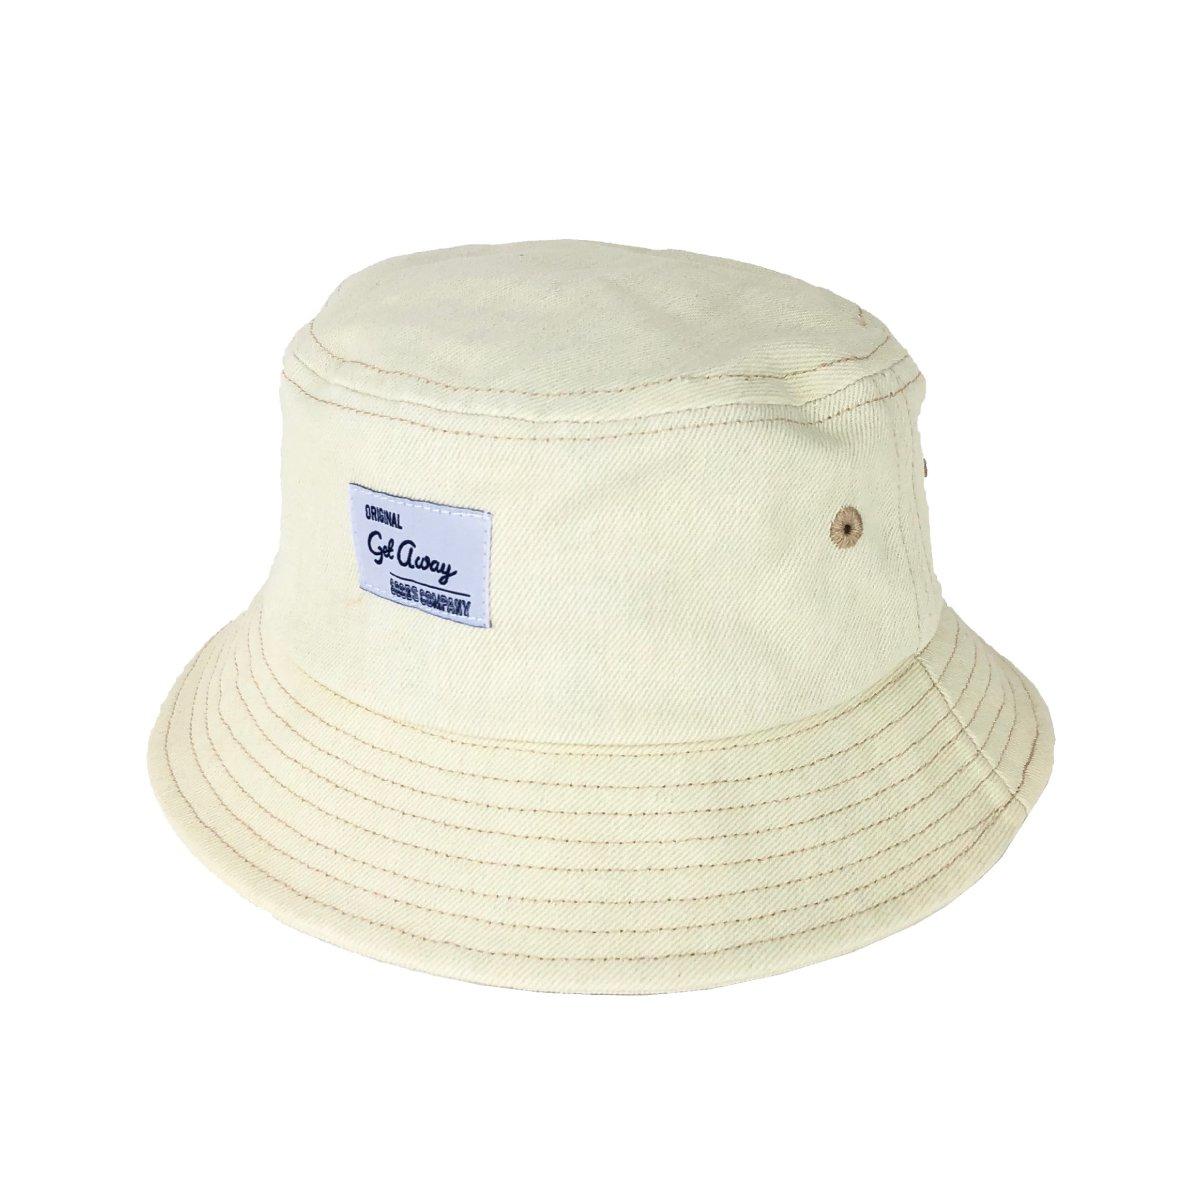 【BABY】Denim Wash Hat 詳細画像2